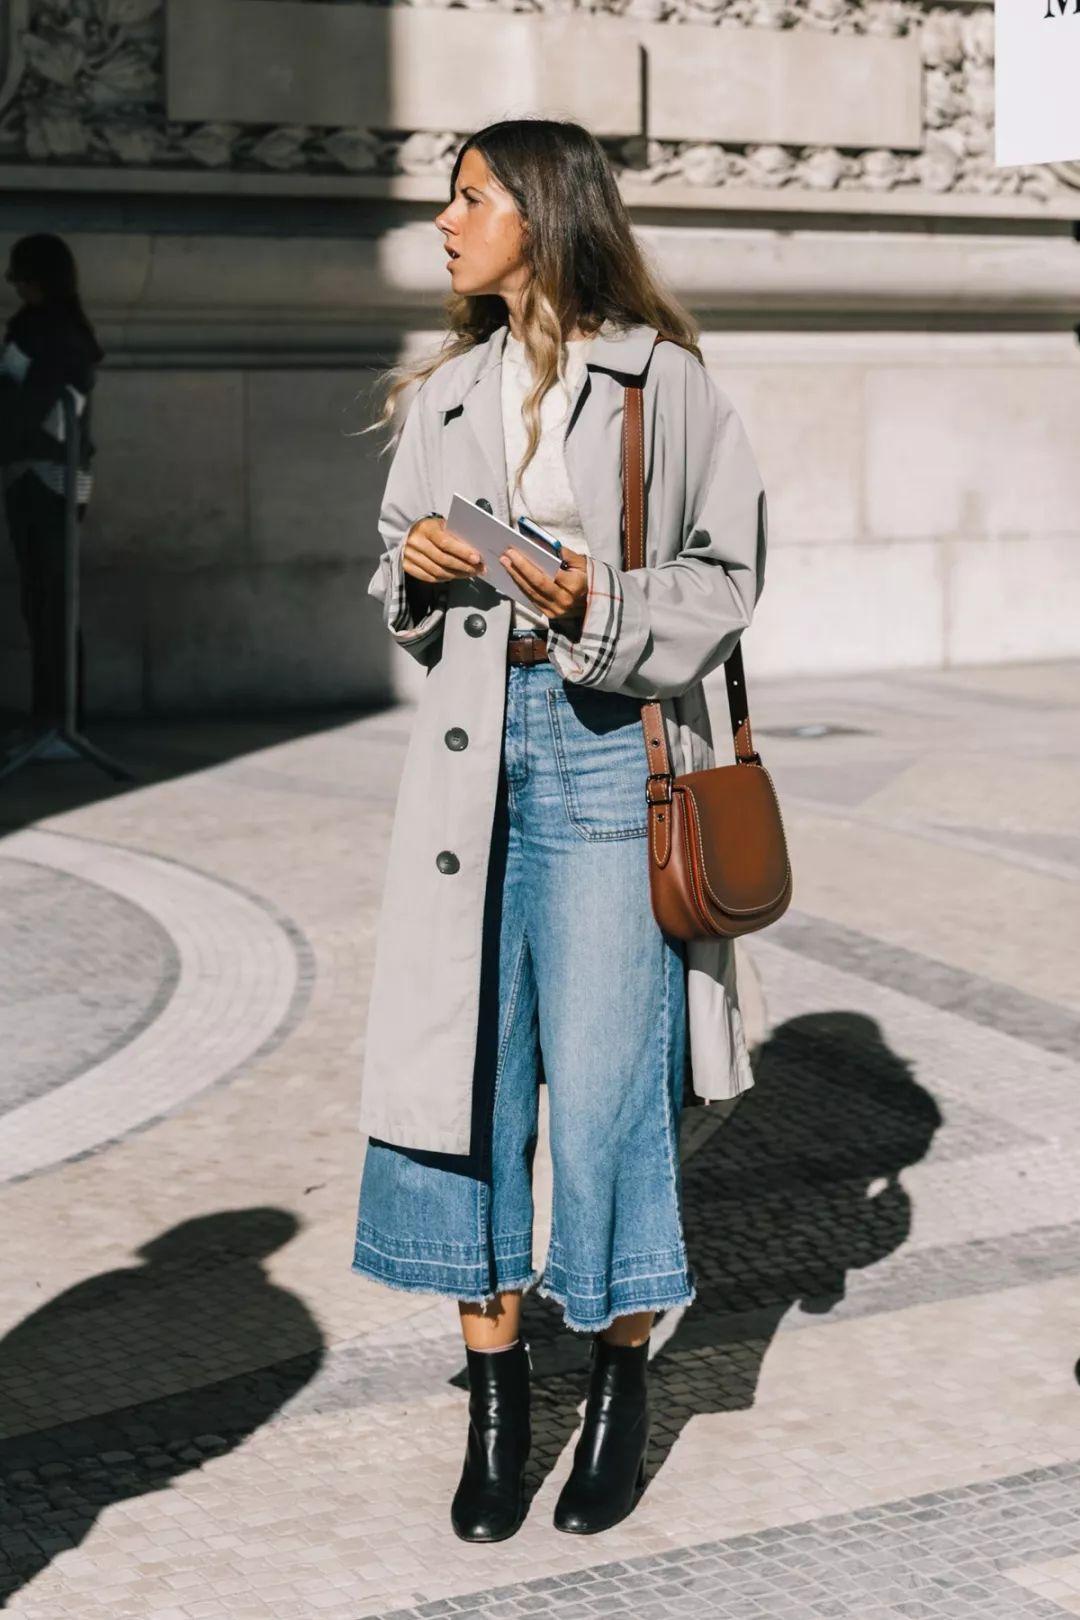 趁着屋外还有暖阳,穿上一条风度潇洒的阔腿裤,搭配皮质切尔西短靴,又